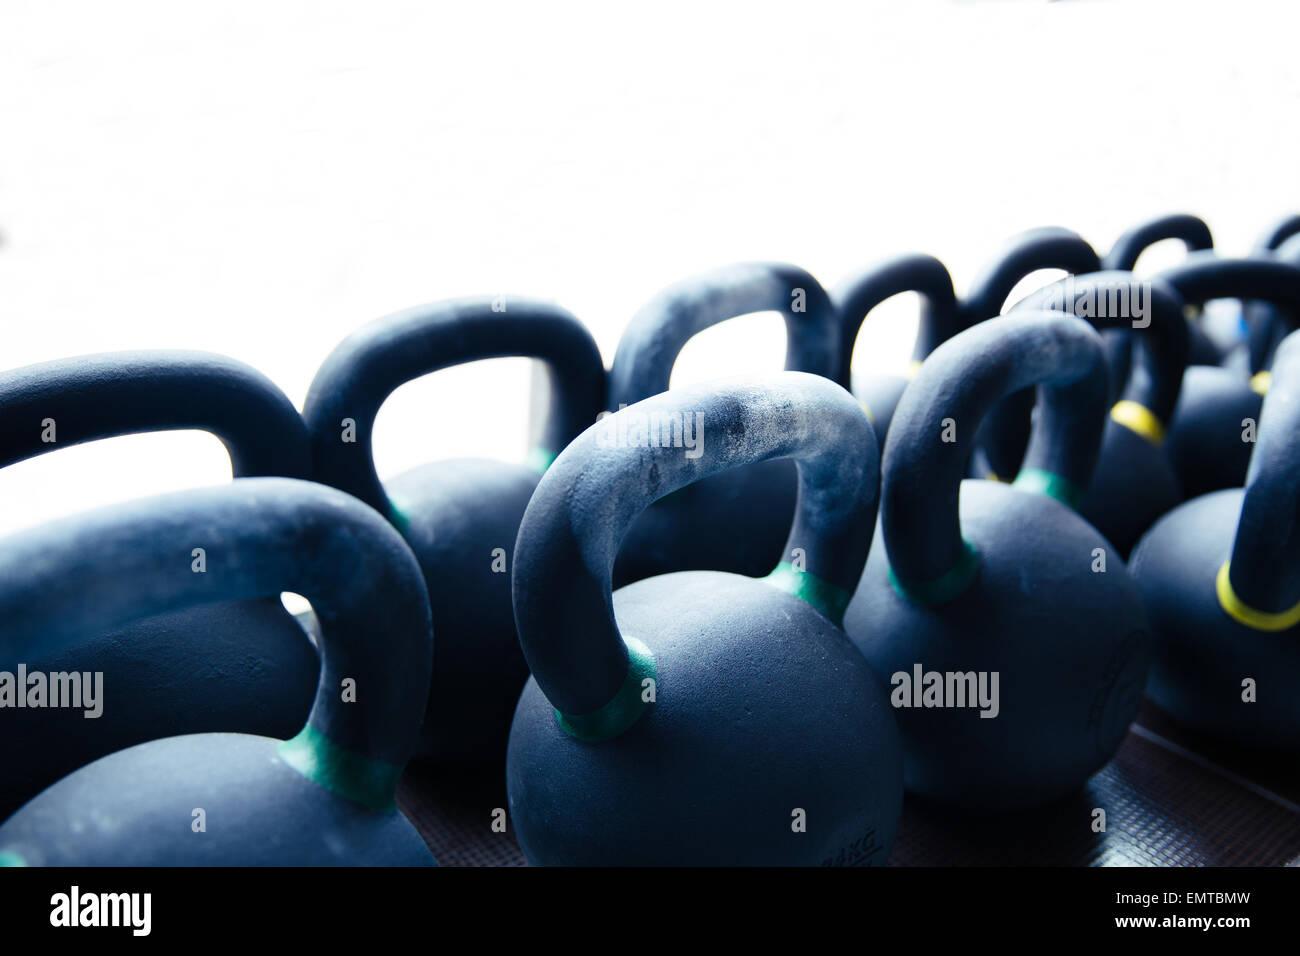 Primo piano immagine di un bollitore sfere Immagini Stock